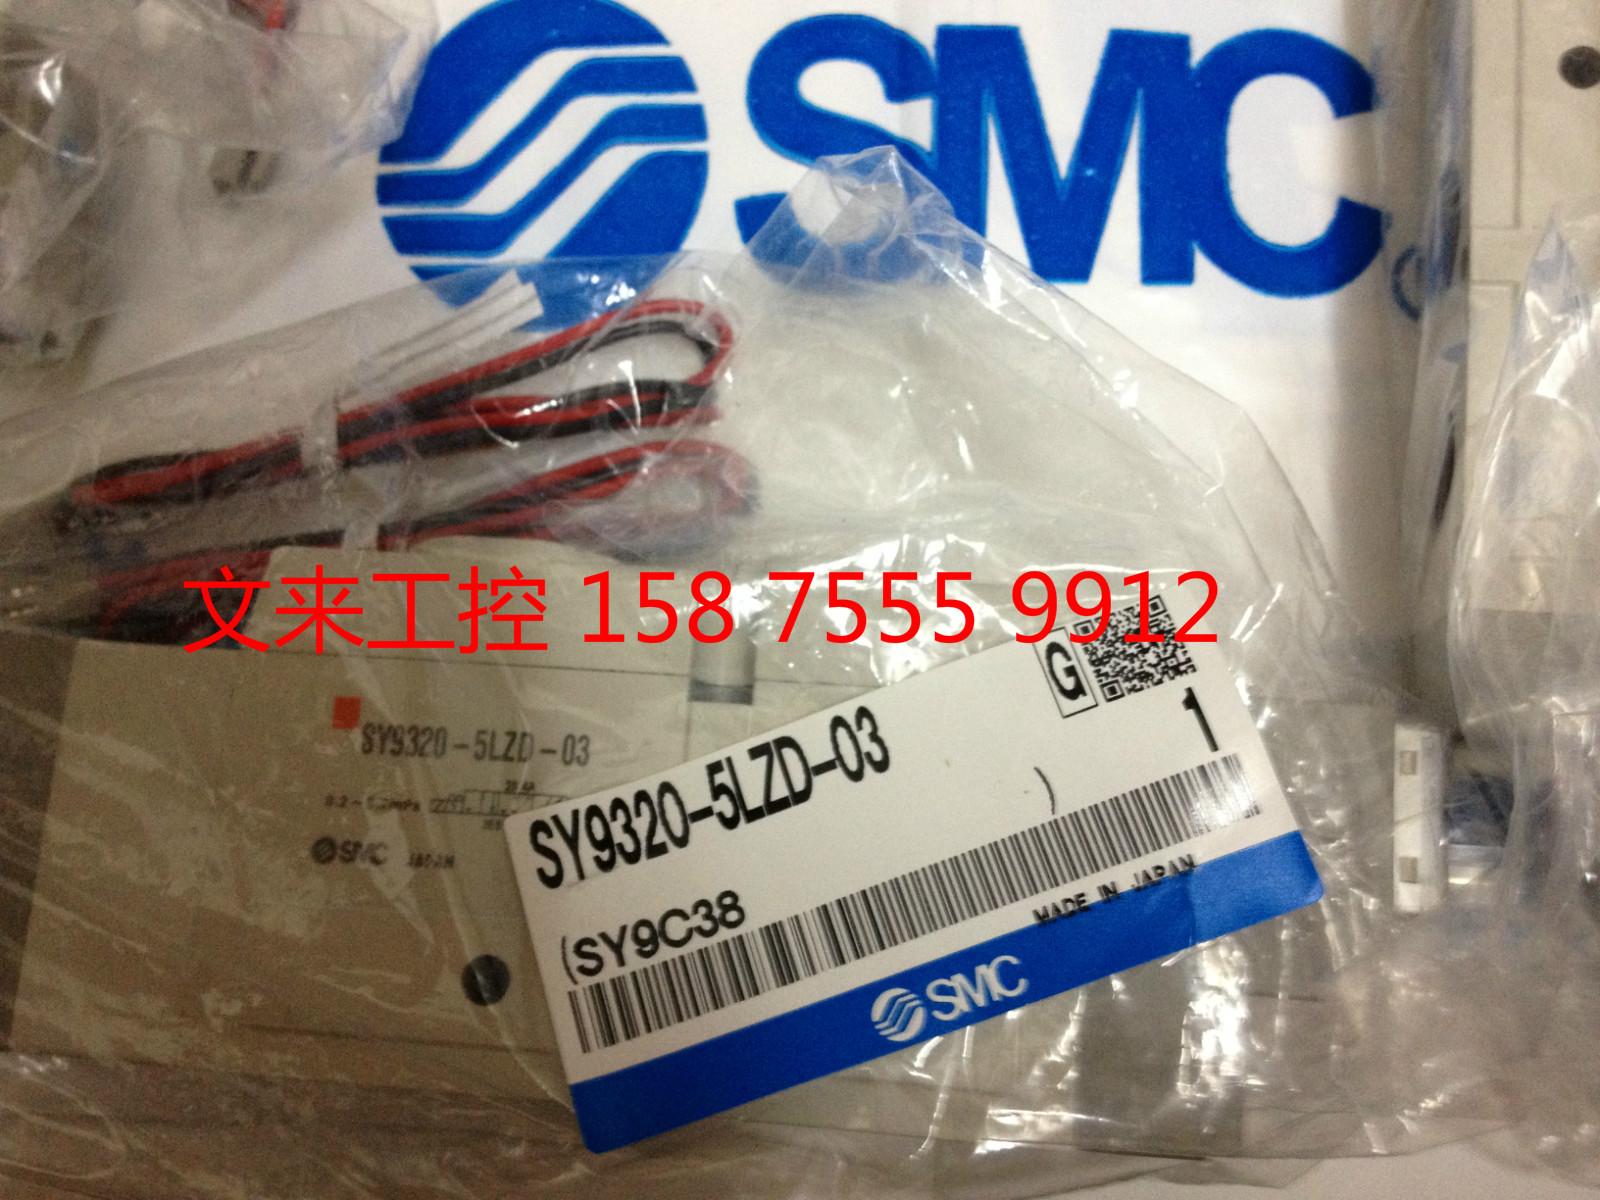 El nuevo préstamo de fotos en un auténtica importados SMC válvula electromagnética SY9320-5LZD-03